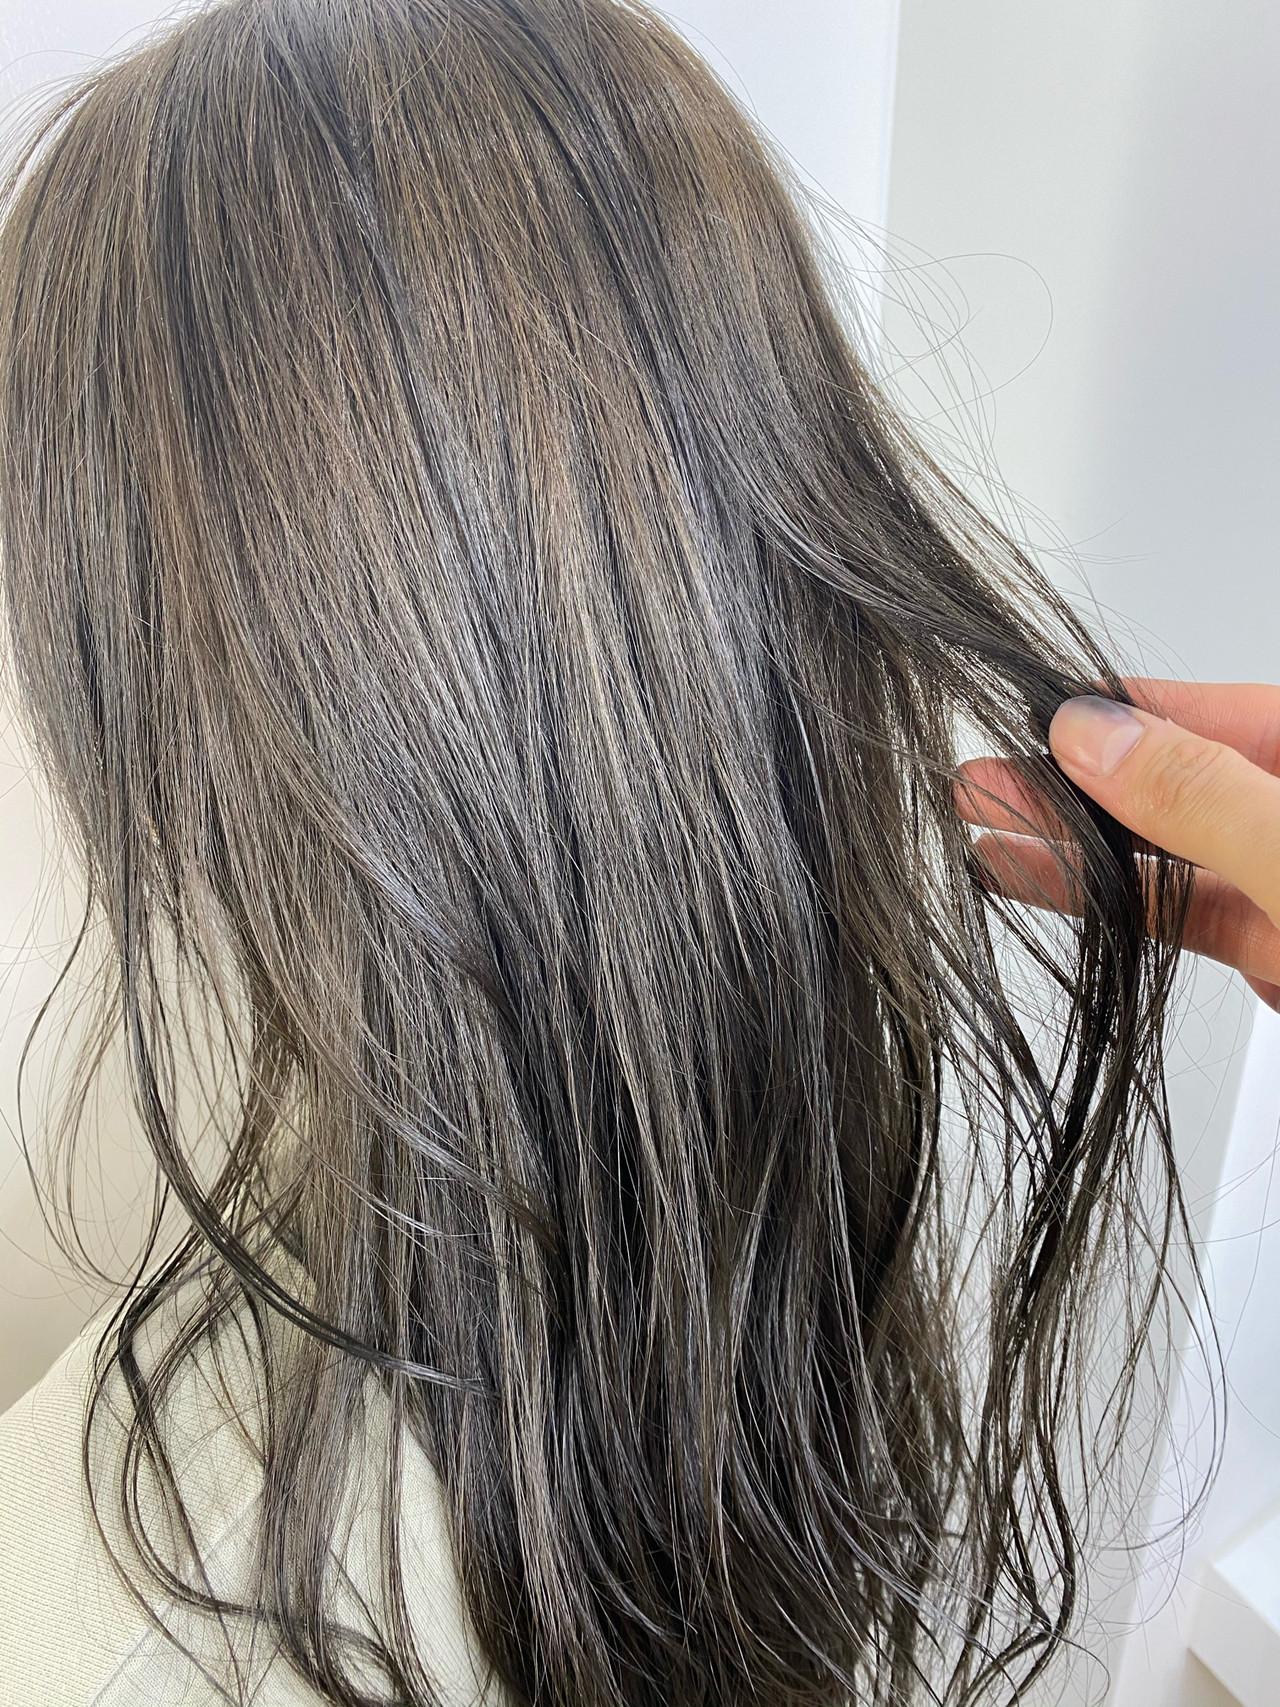 レイヤーカット オリーブアッシュ ベージュ ナチュラル ヘアスタイルや髪型の写真・画像 | 石渡諒太 / Alan Smithee